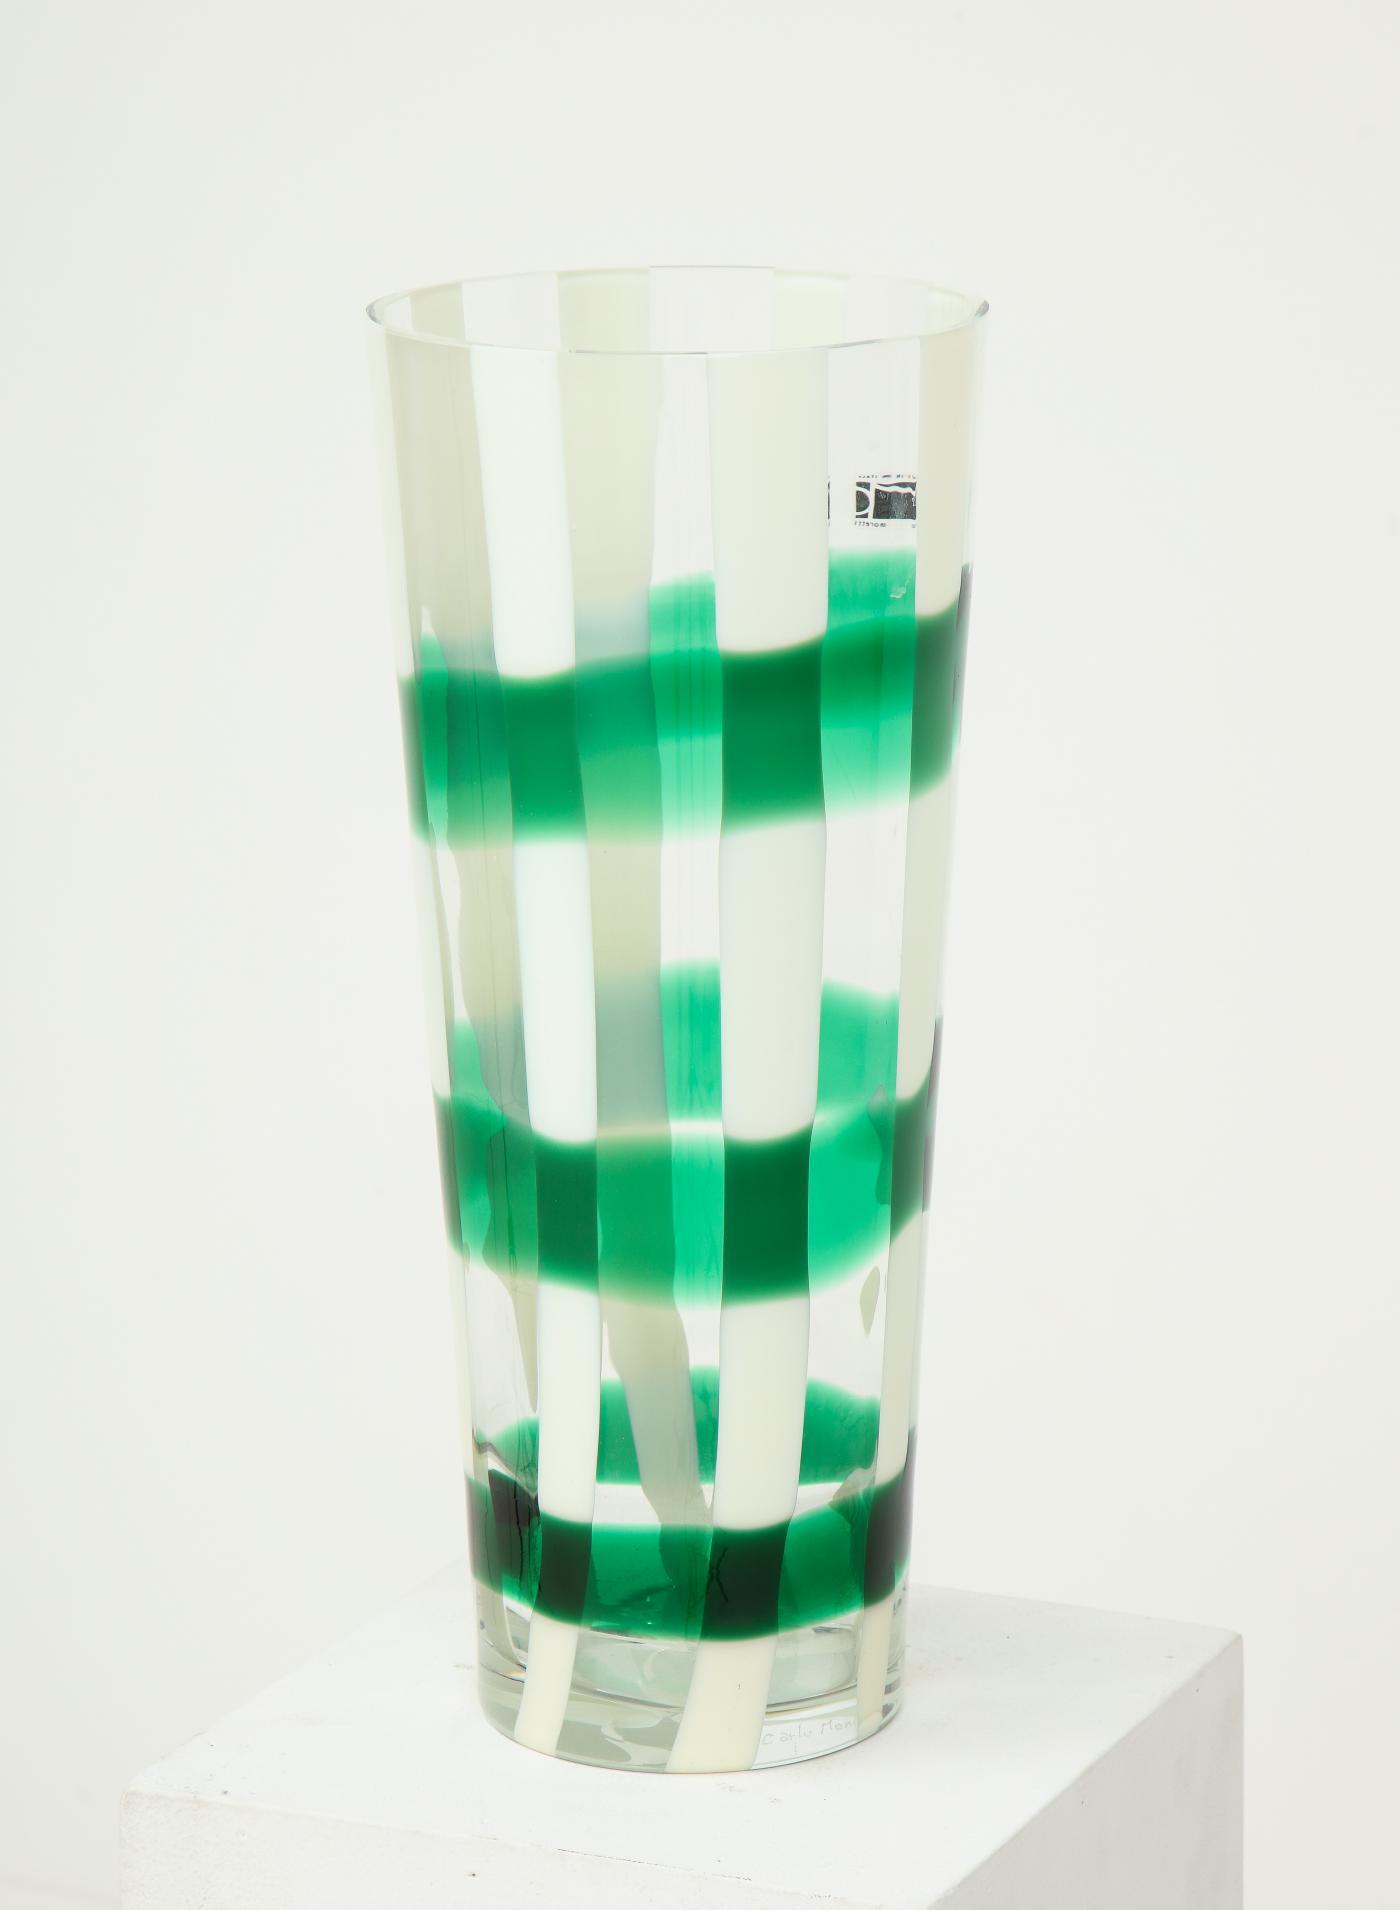 A Murano Art Glass vase by Carlo Moretti